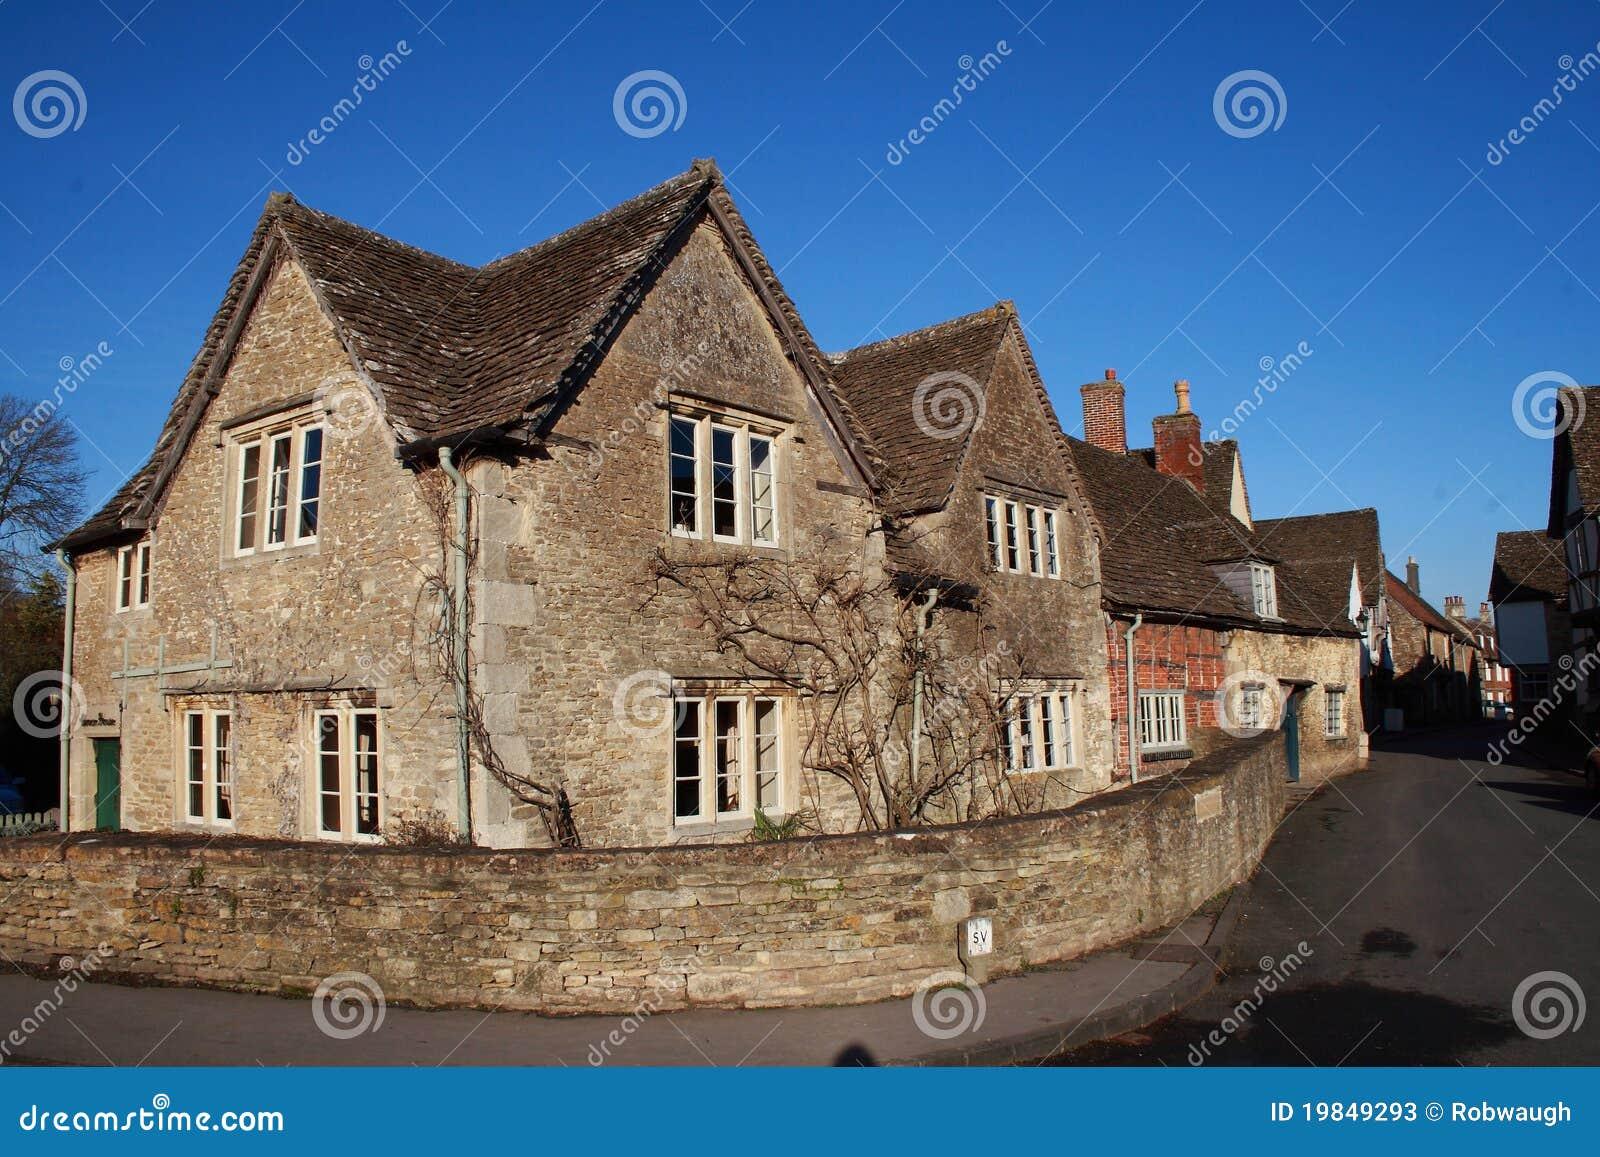 Tudor House Clipart